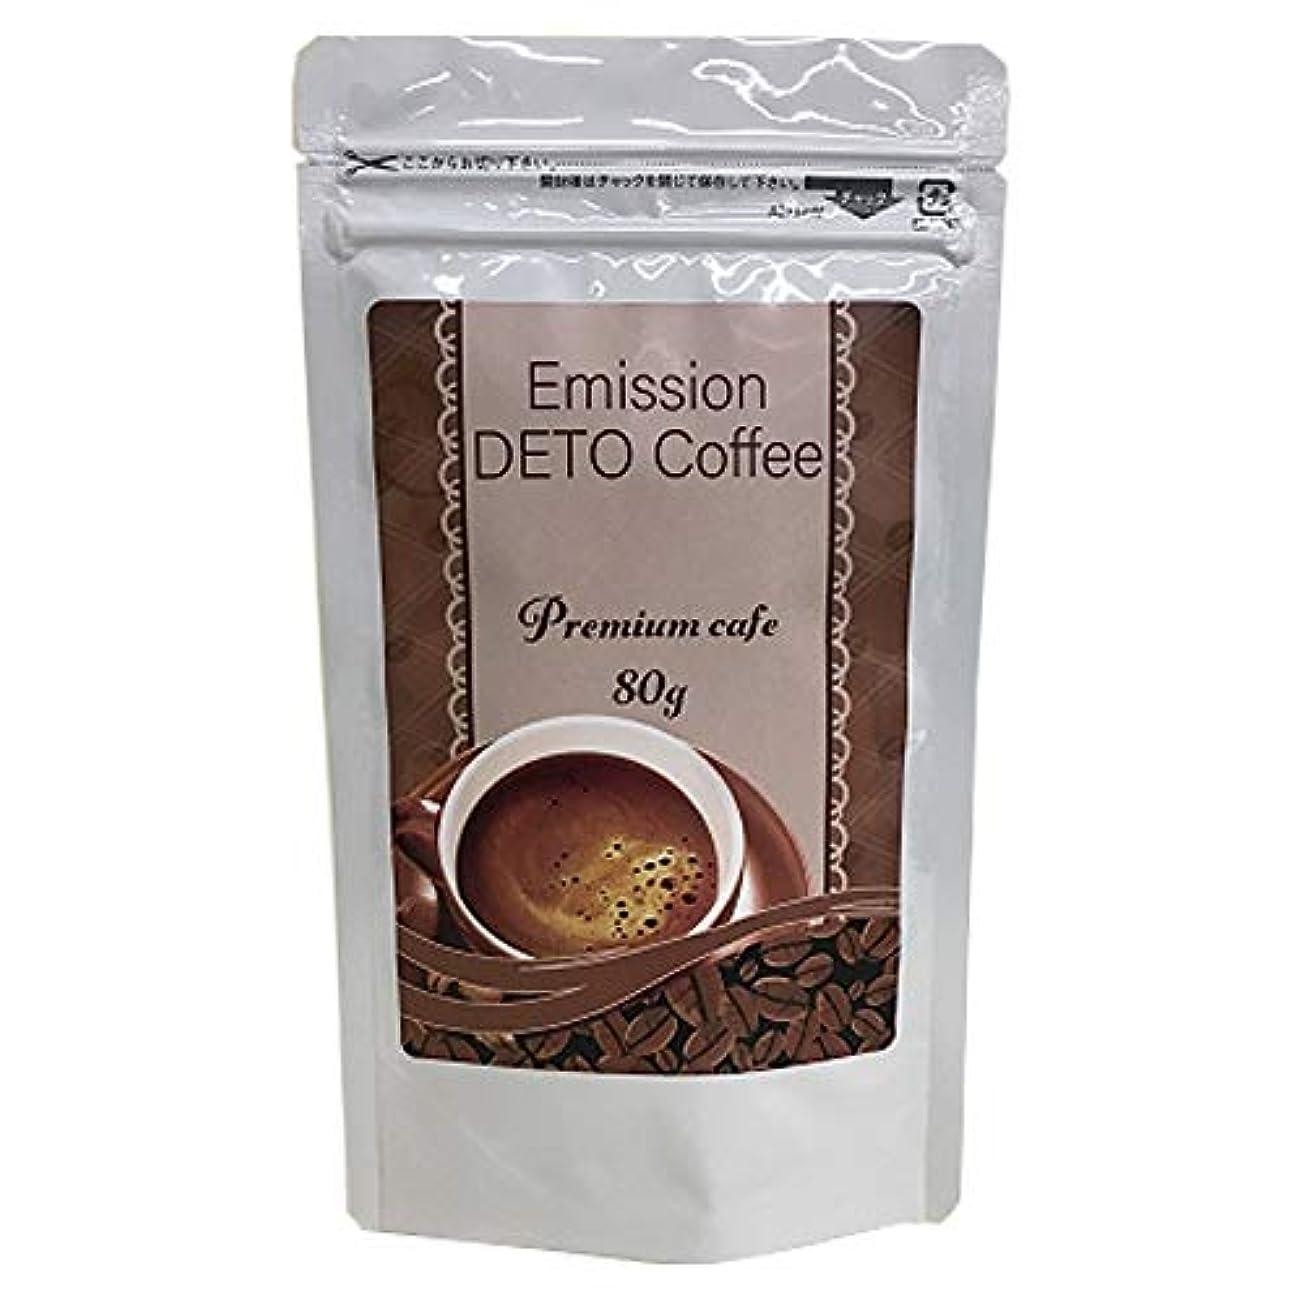 結核座標治安判事エミッションデトコーヒー ダイエットコーヒー